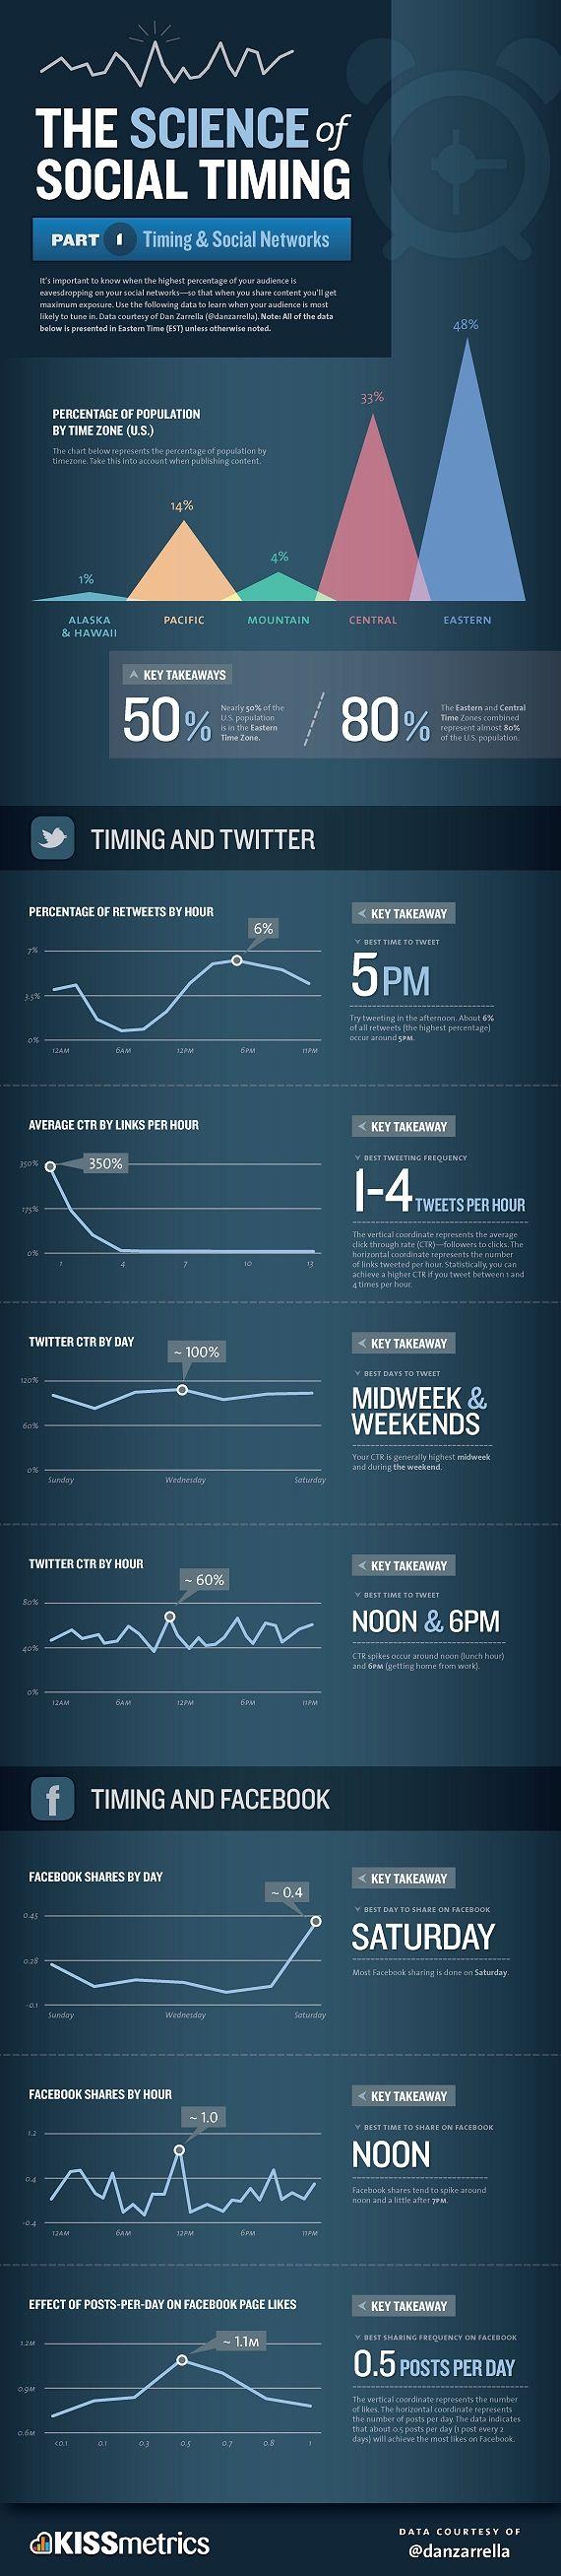 Social Media & Timing